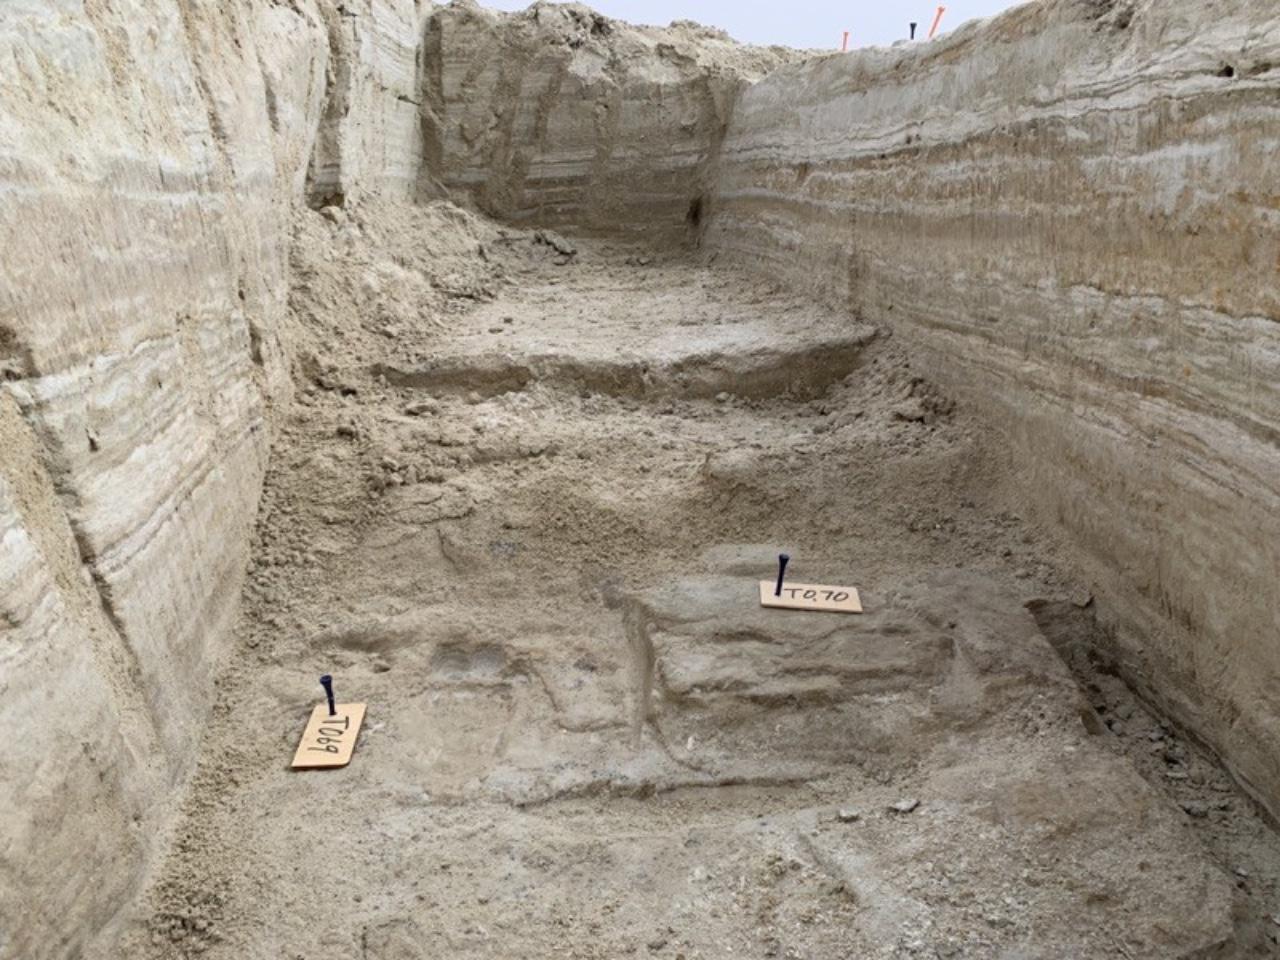 Ser humano en América: descubren huellas de hace 23 mil años